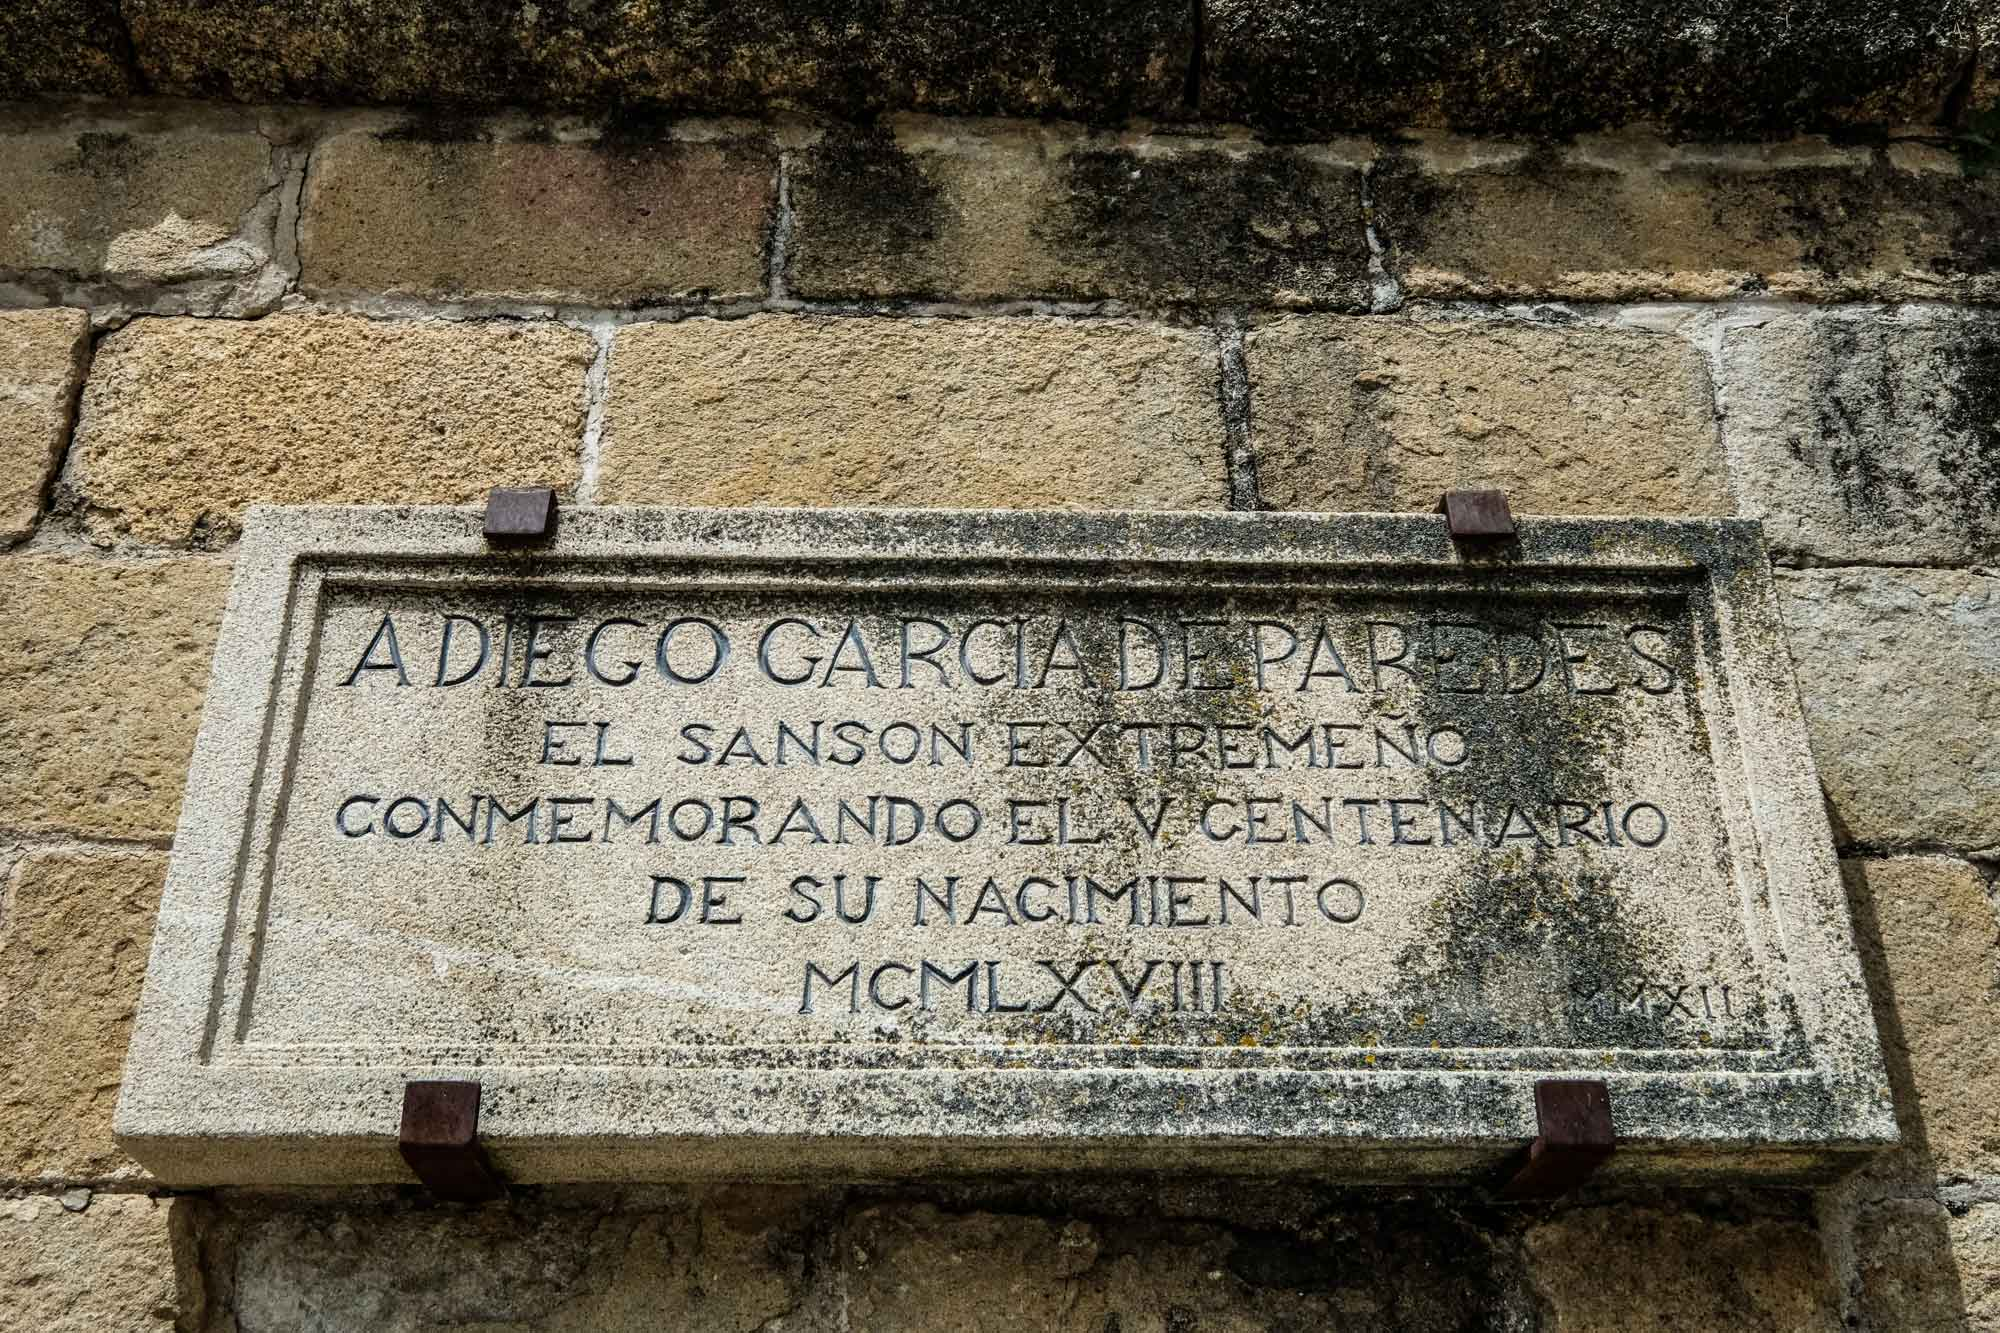 Placa en honor al Sansón de Extremadura, Diego García de Paredes.